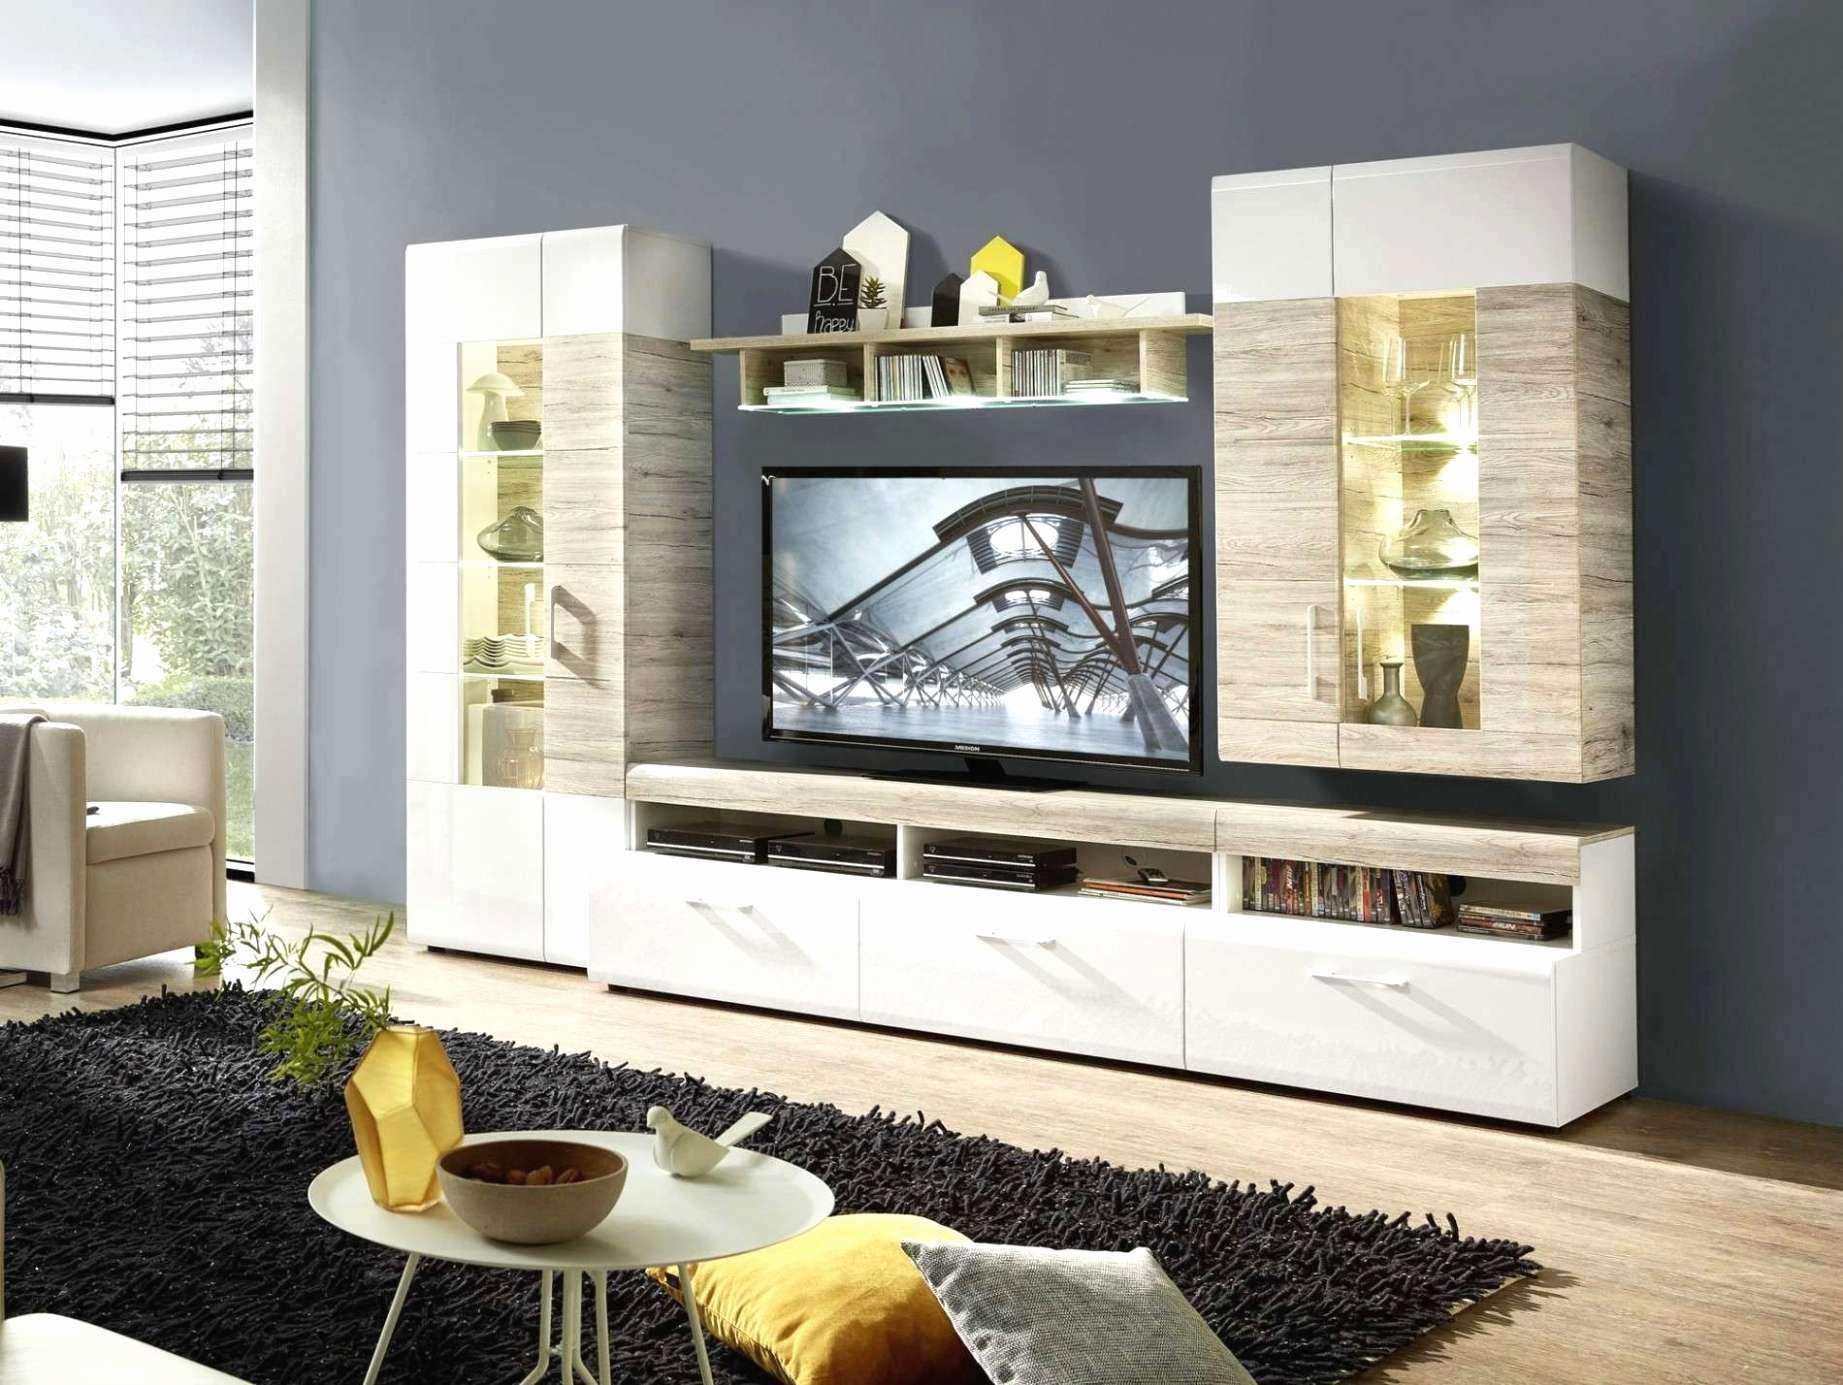 wohnzimmer deko online shop reizend das beste von schrankwand wohnzimmer modern of wohnzimmer deko online shop